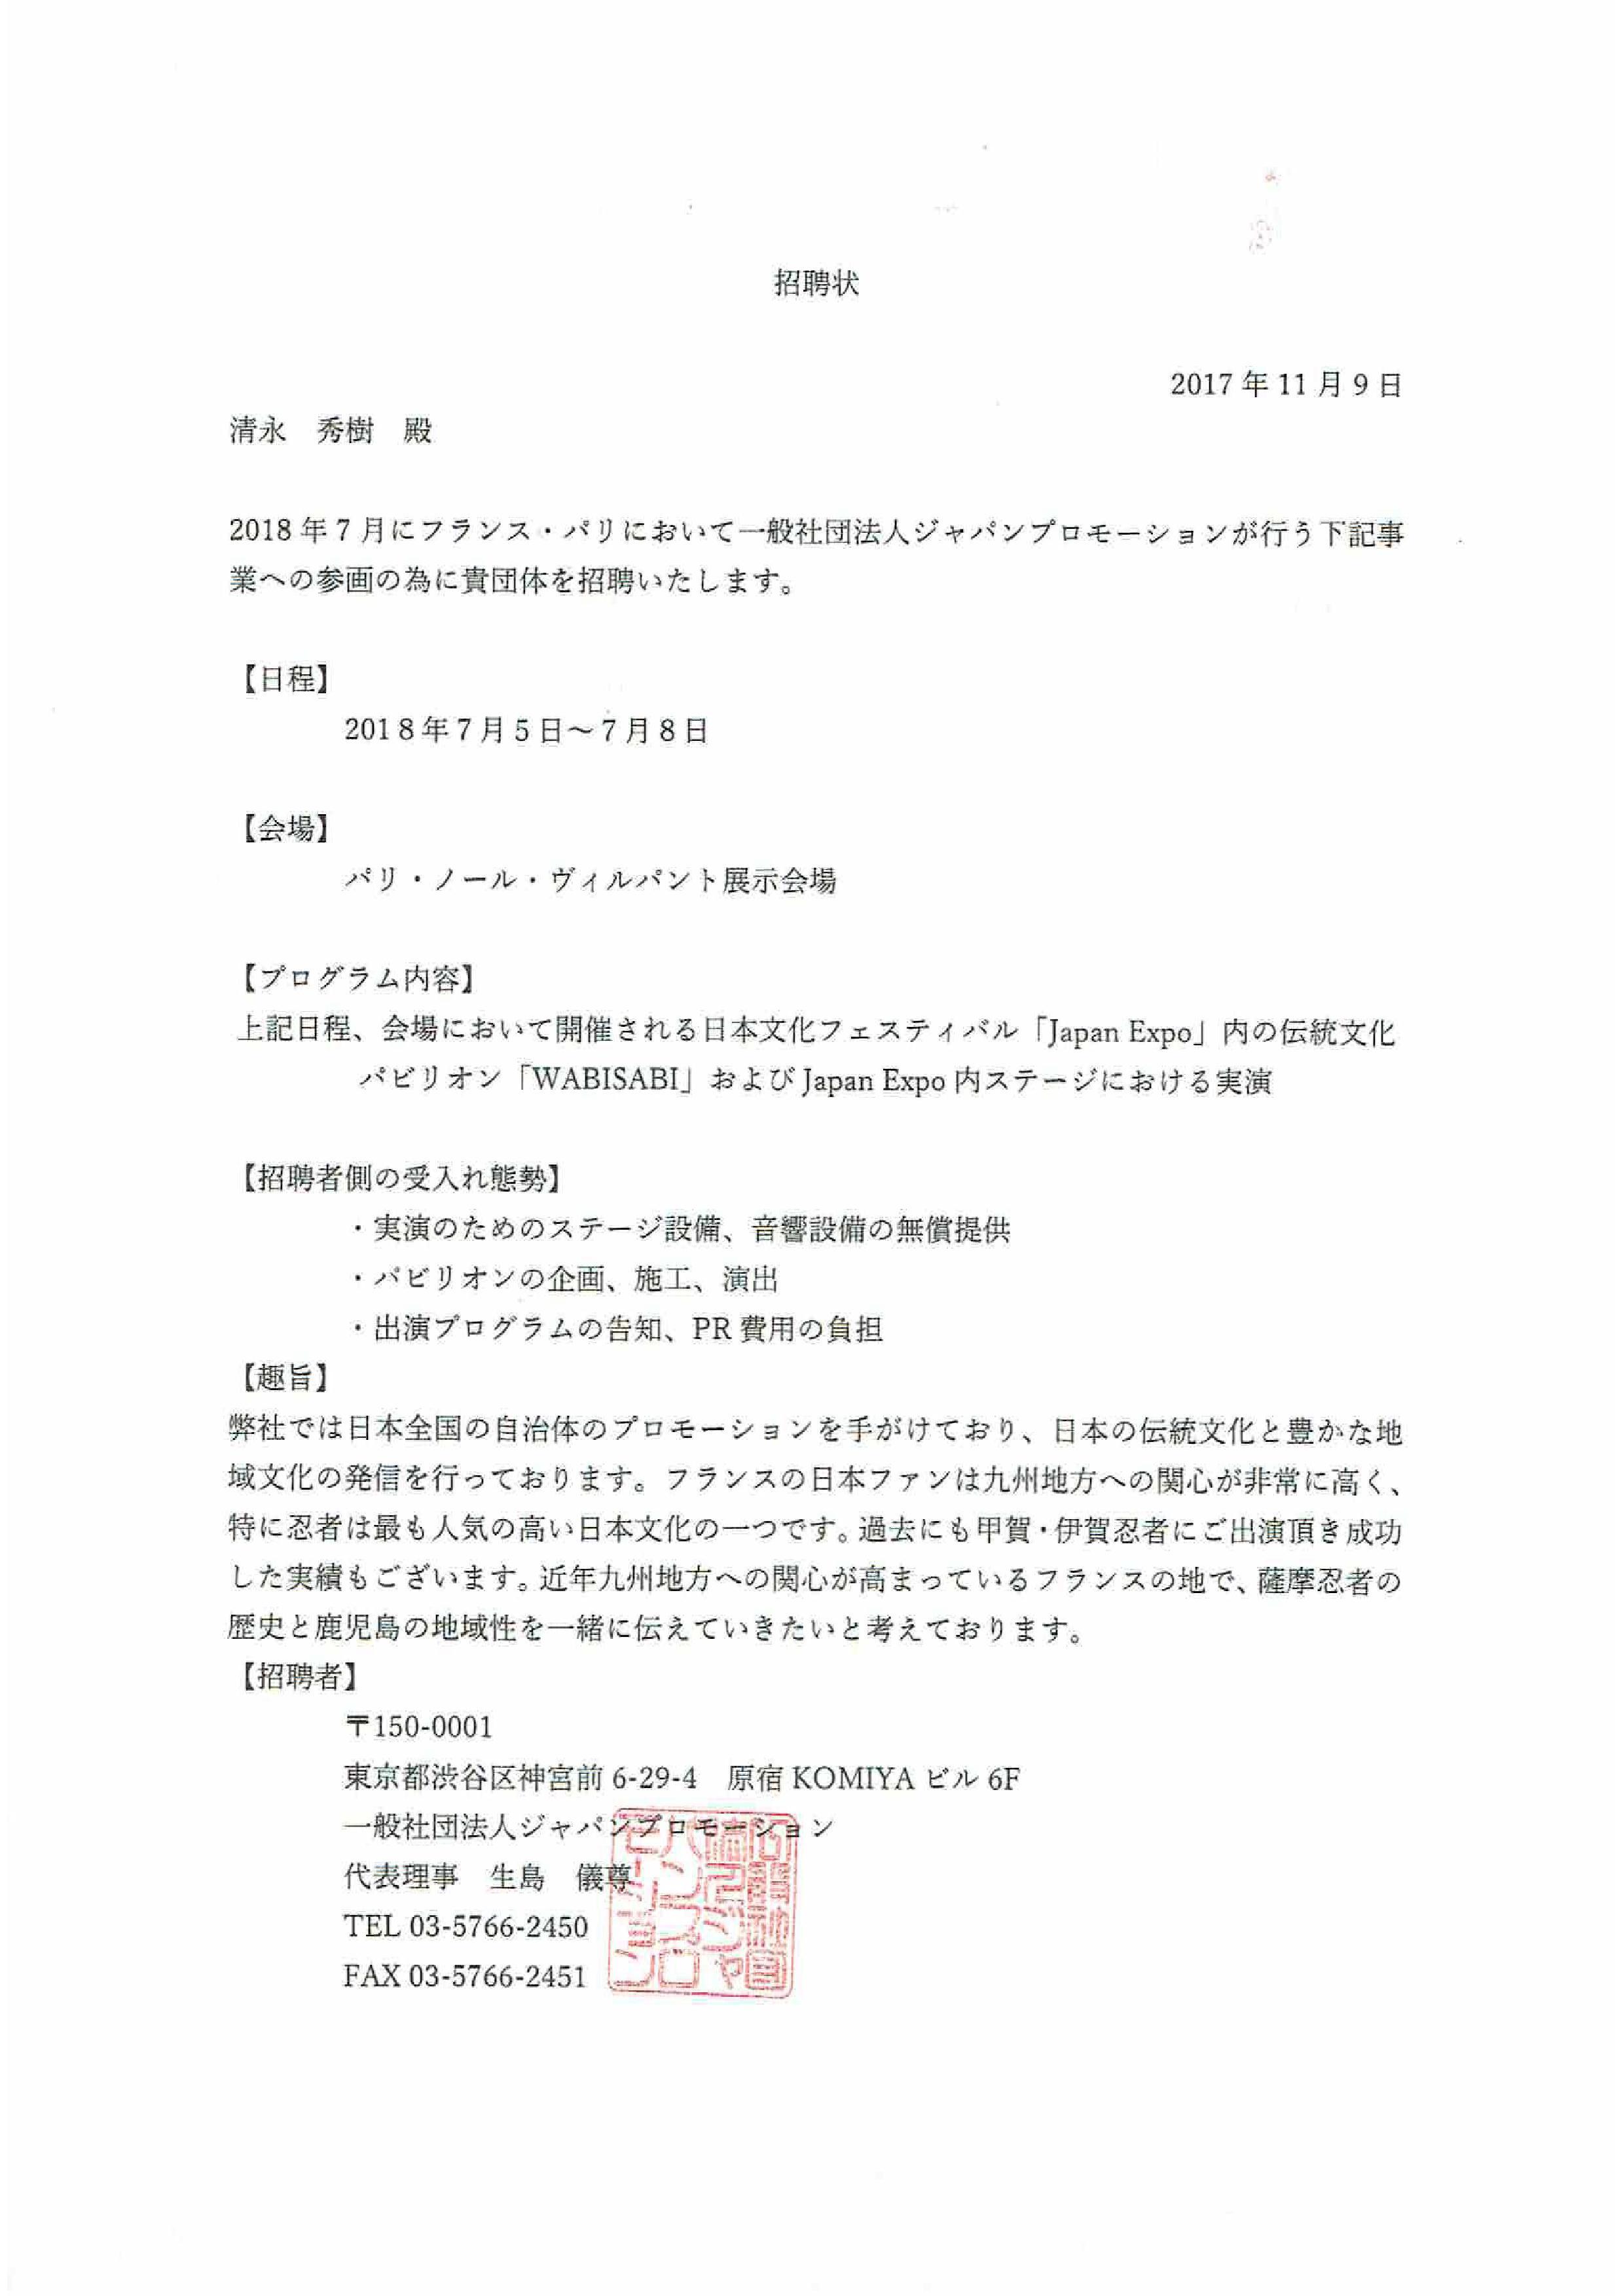 ジャパンエキスポ依頼20171109